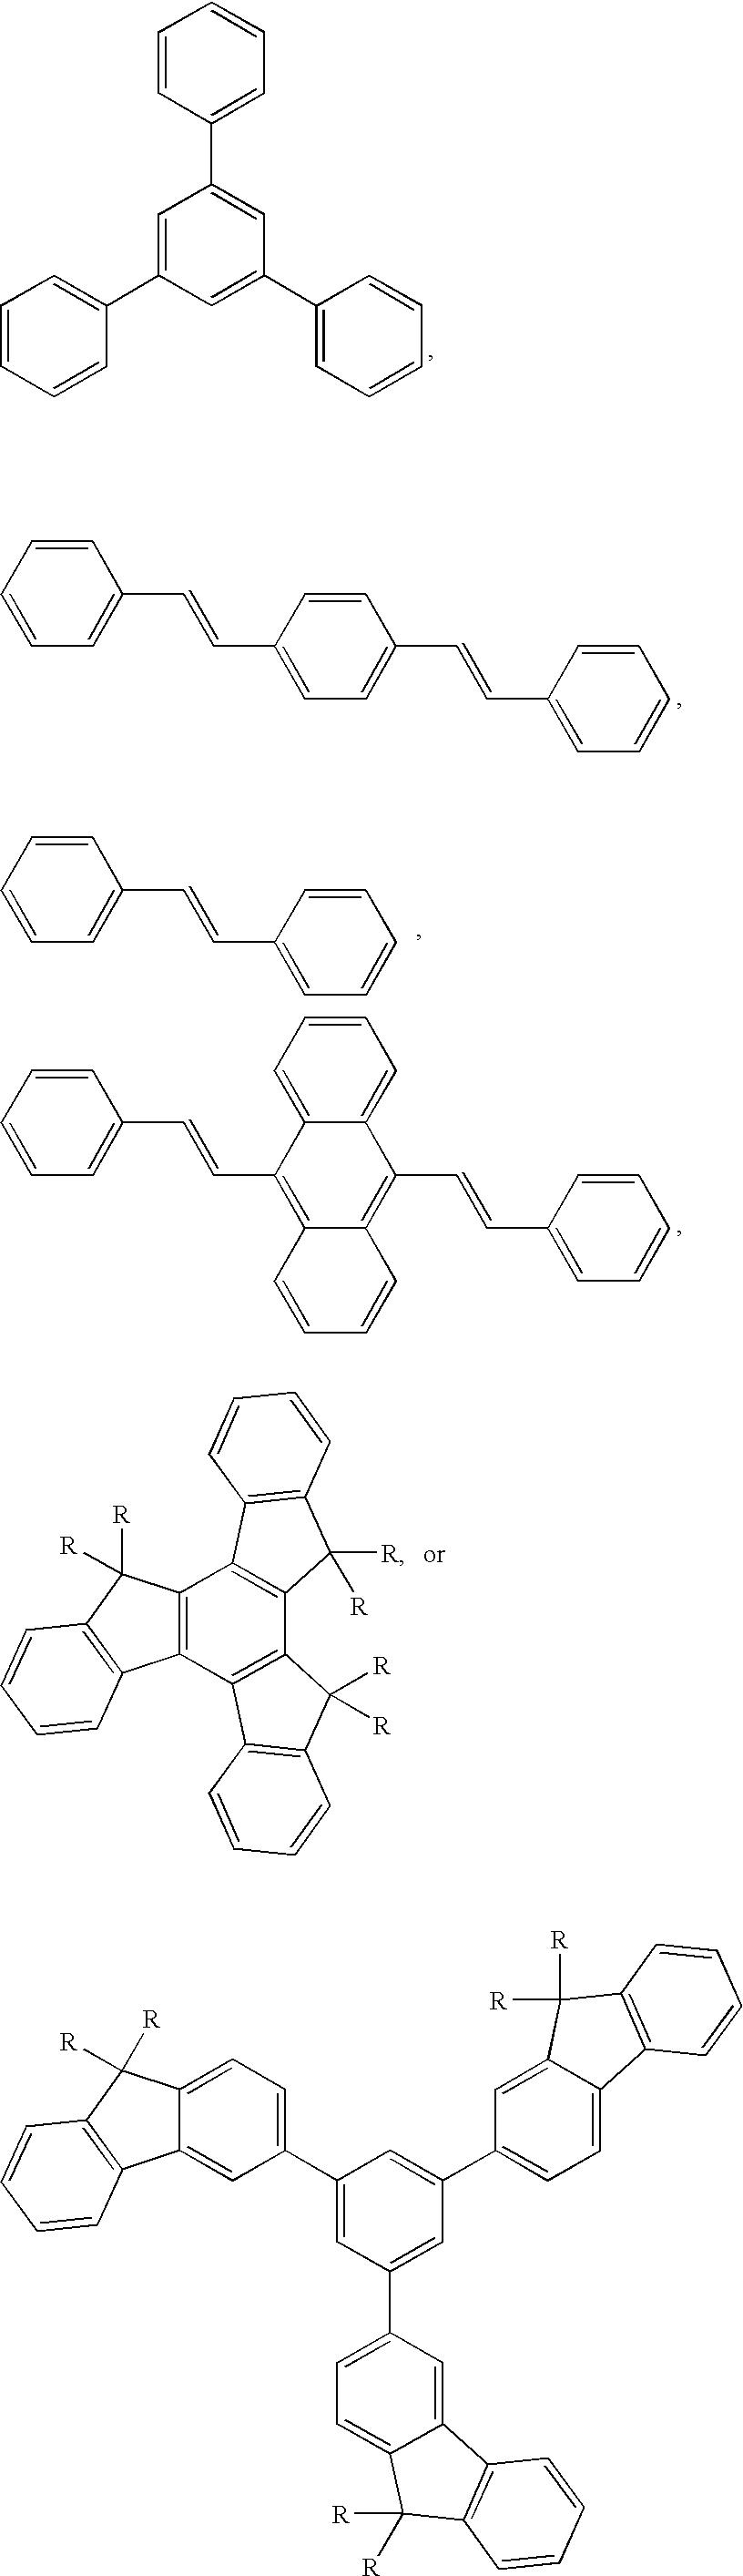 Figure US20070107835A1-20070517-C00087